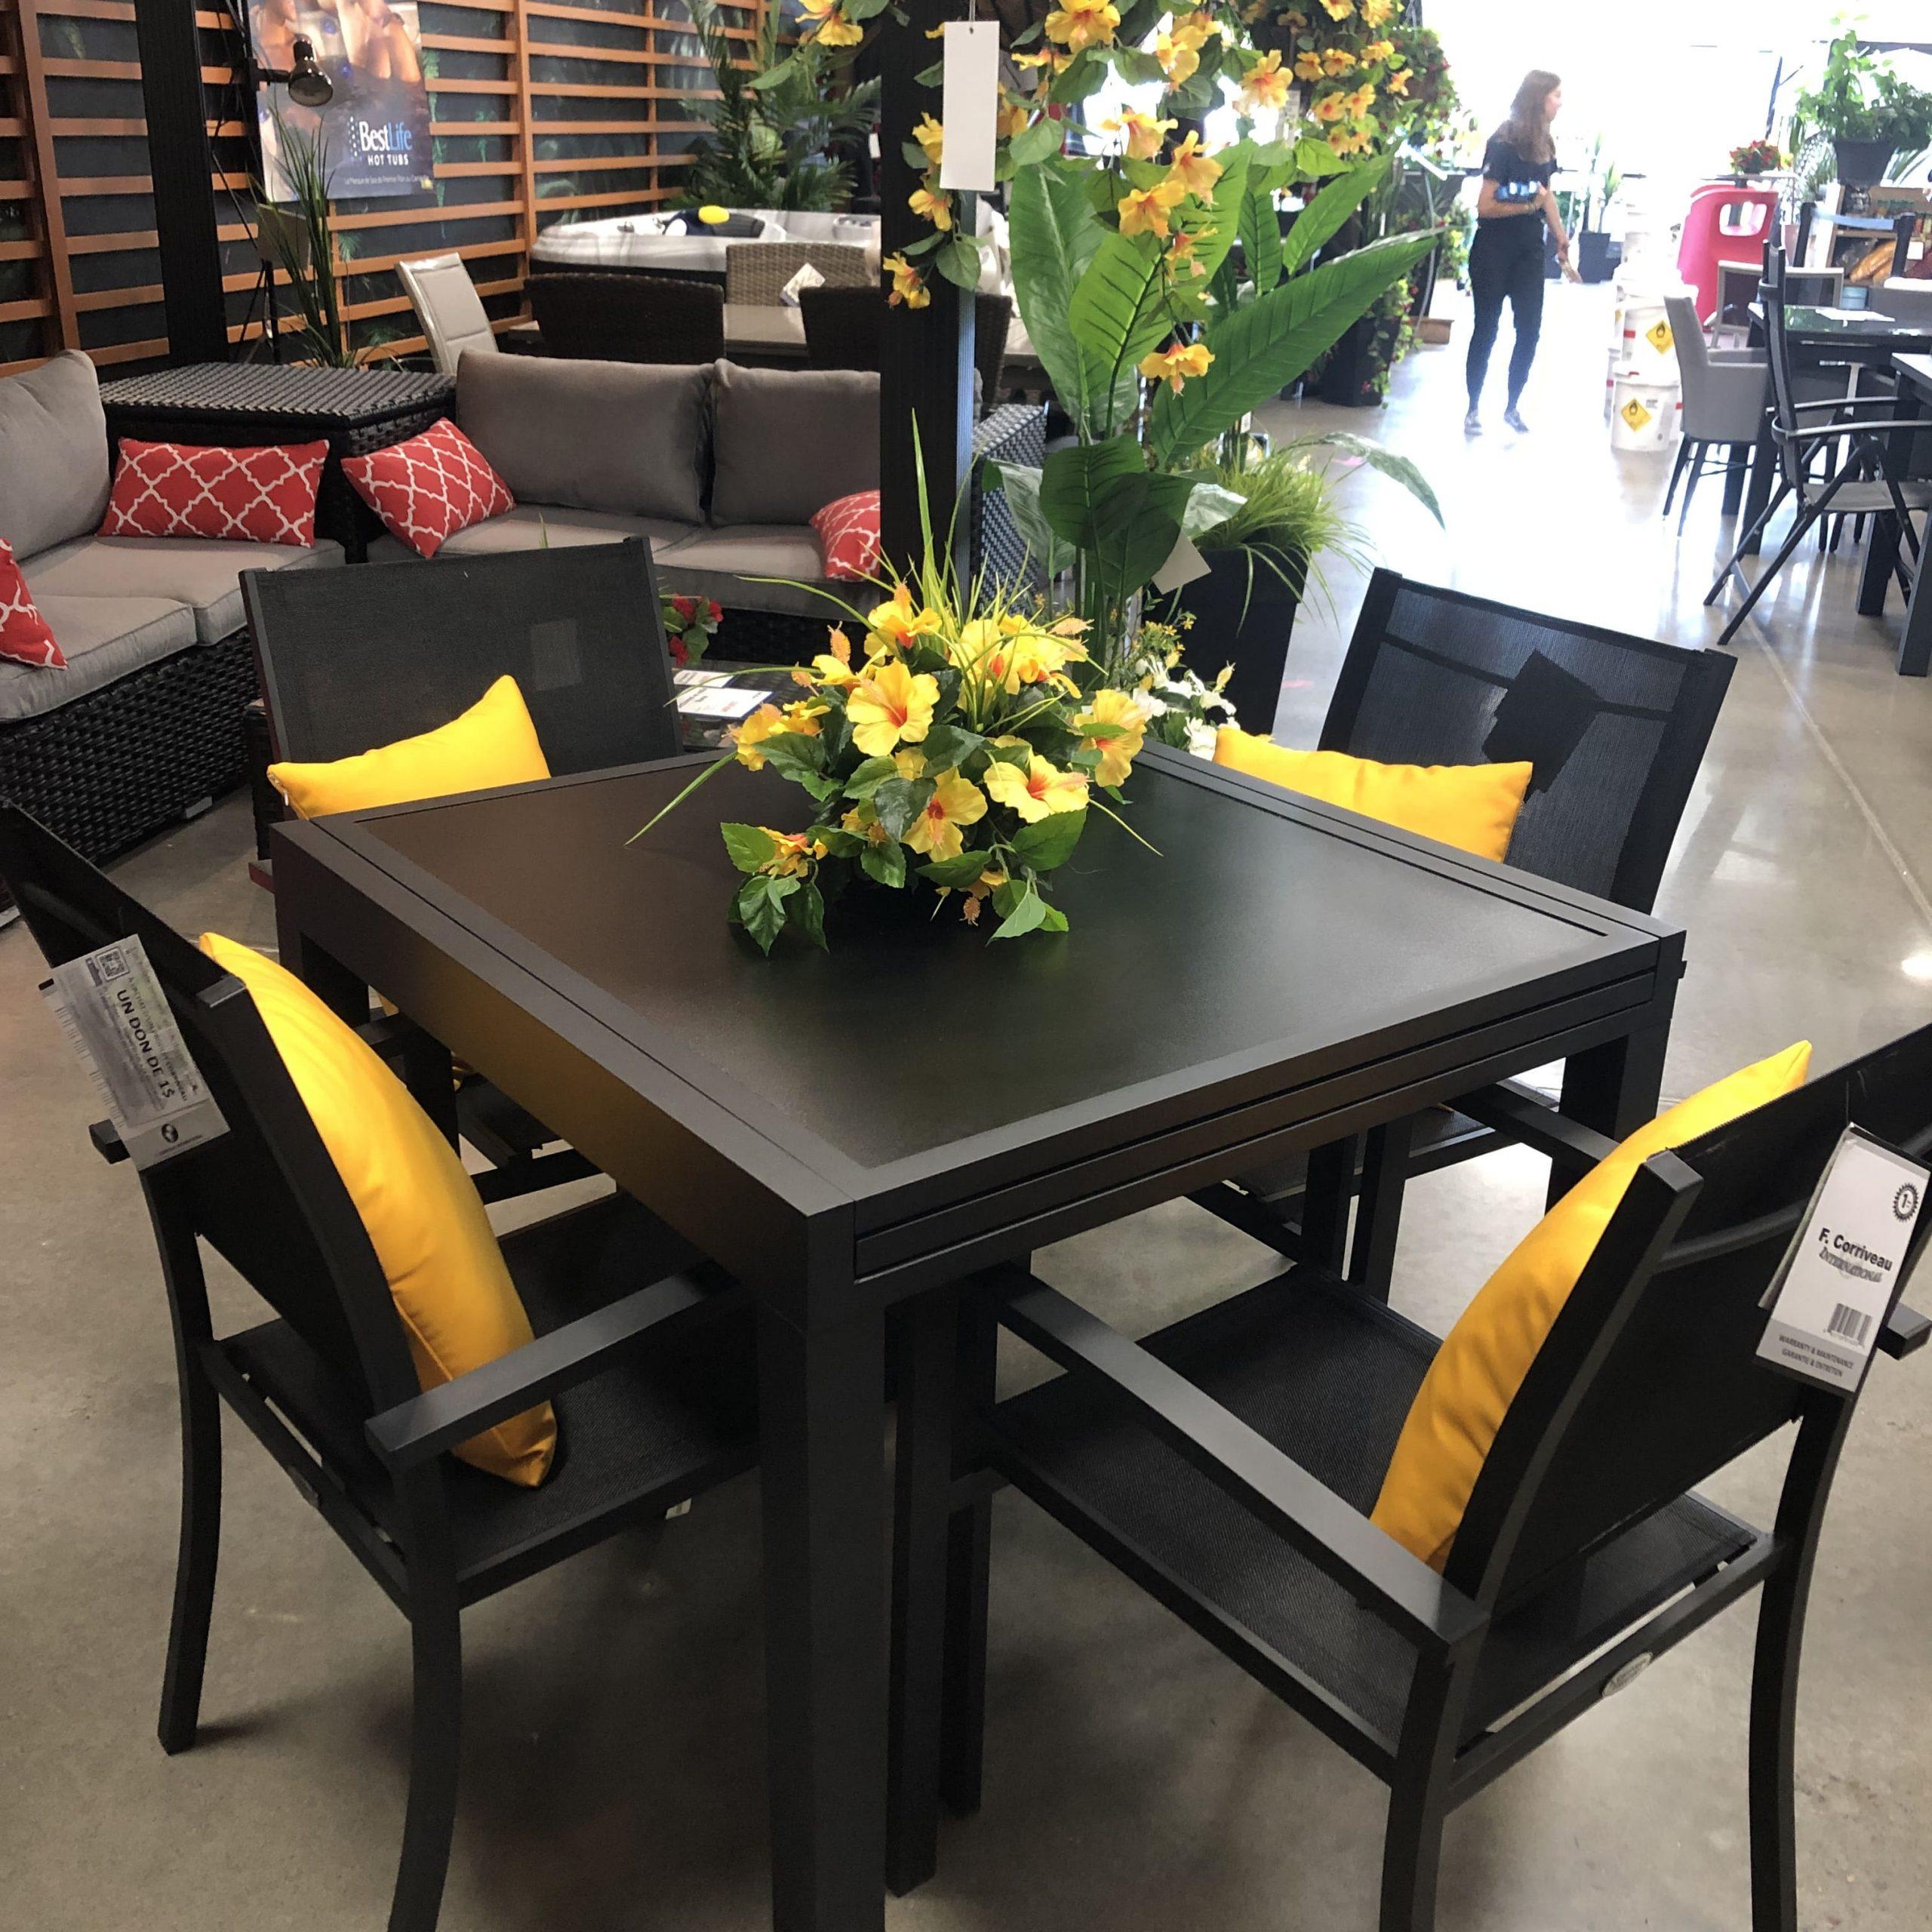 ensemble-bayview-table_manger_patio-meubles_exterieurs-concept_piscine_design